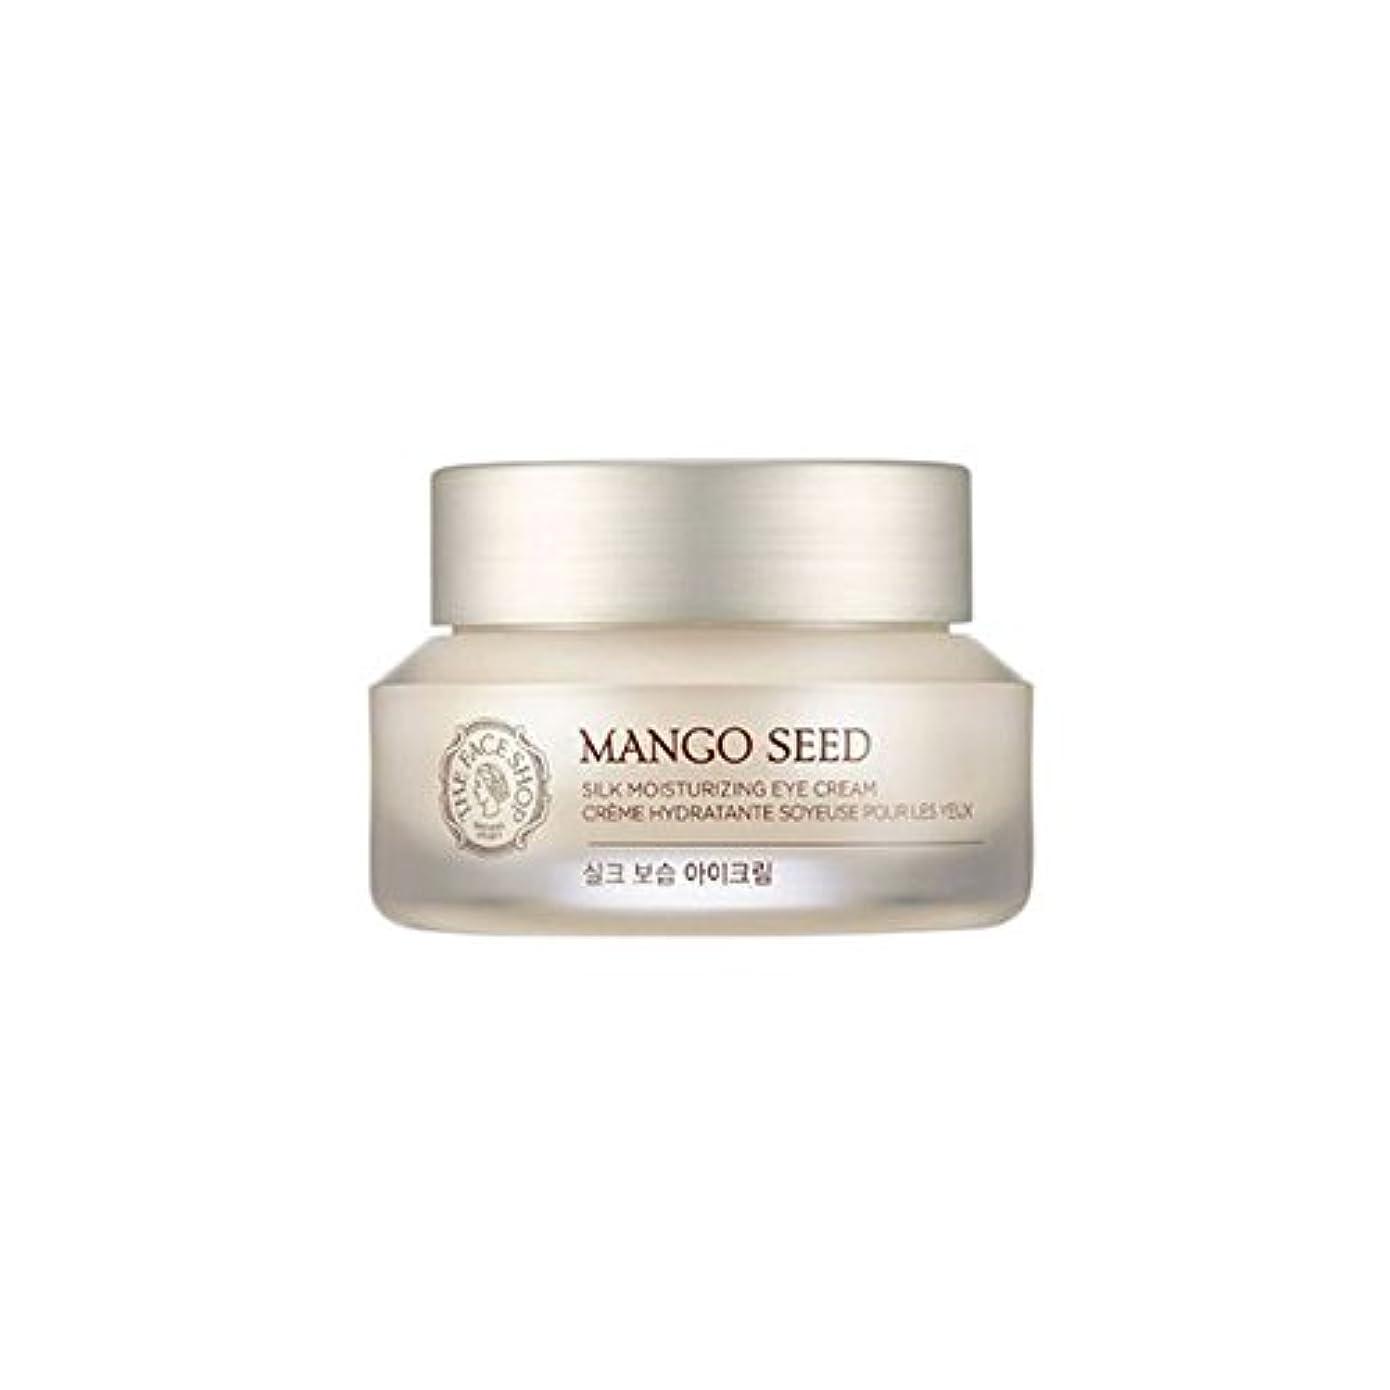 遺産ジョージバーナード口実[ザフェイスショップ] THE FACE SHOP マンゴシードシルク保湿アイクリーム (30ml) The Face Shop Mango Seed Silk Moisturizing Eye Cream(30ml)...